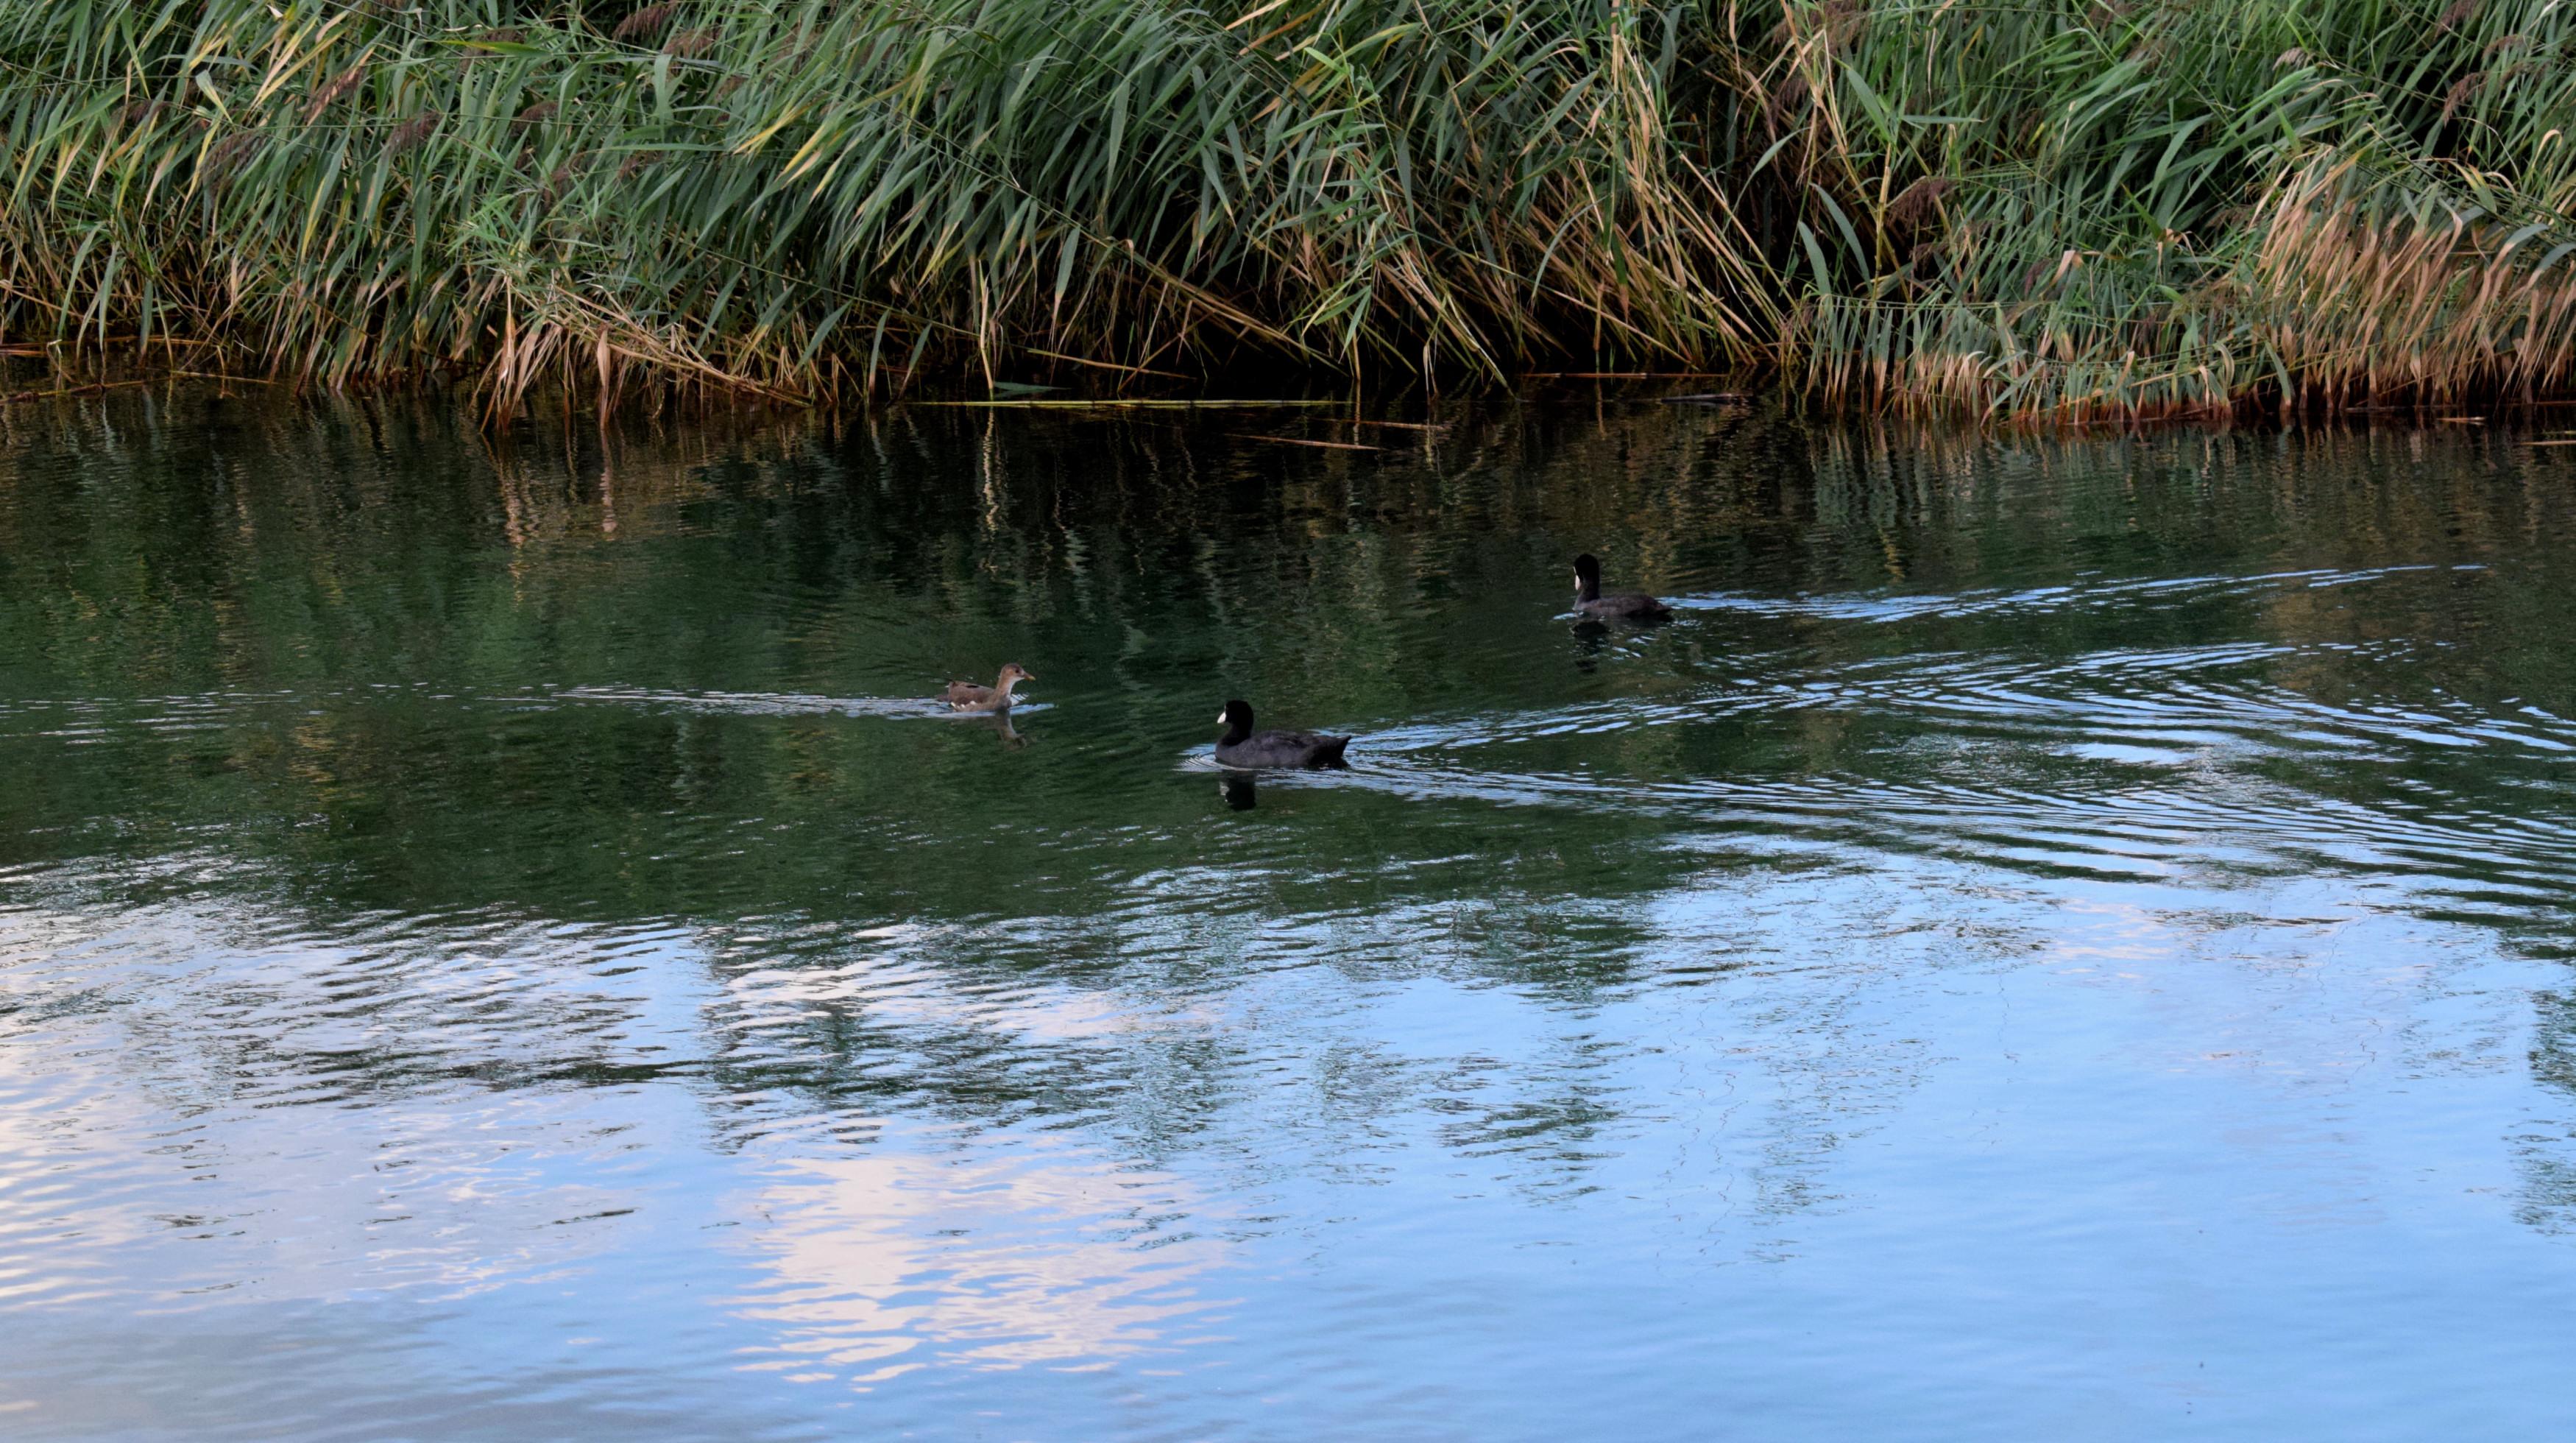 A tó nagyon tiszta, így élővilága rendkívül gazdag.